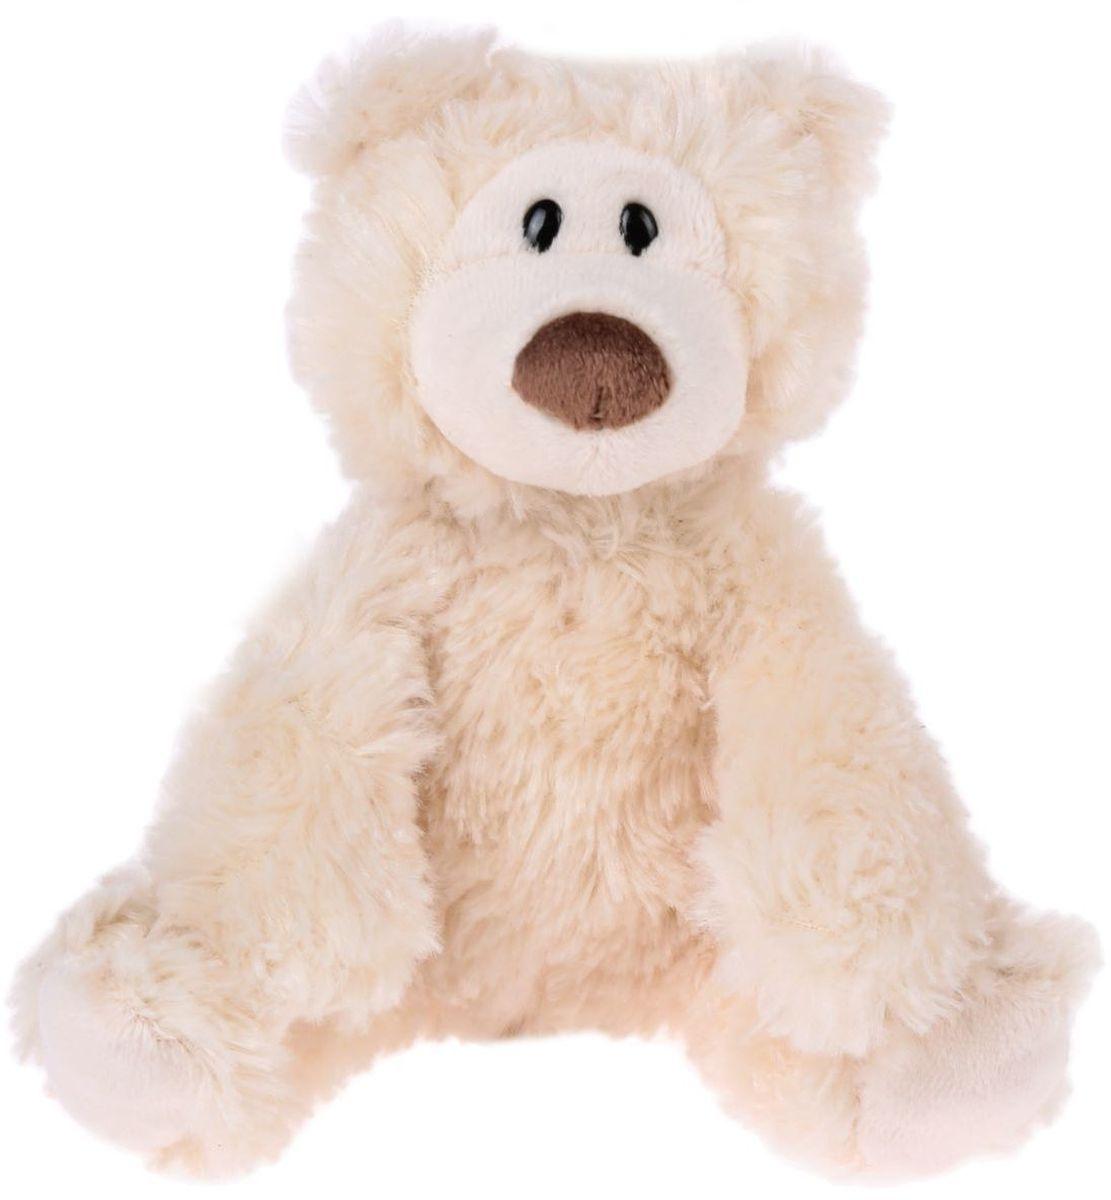 Купить Gund Мягкая игрушка Медведь Philbin Cream 19 см 2245489, Сима-ленд, Мягкие игрушки